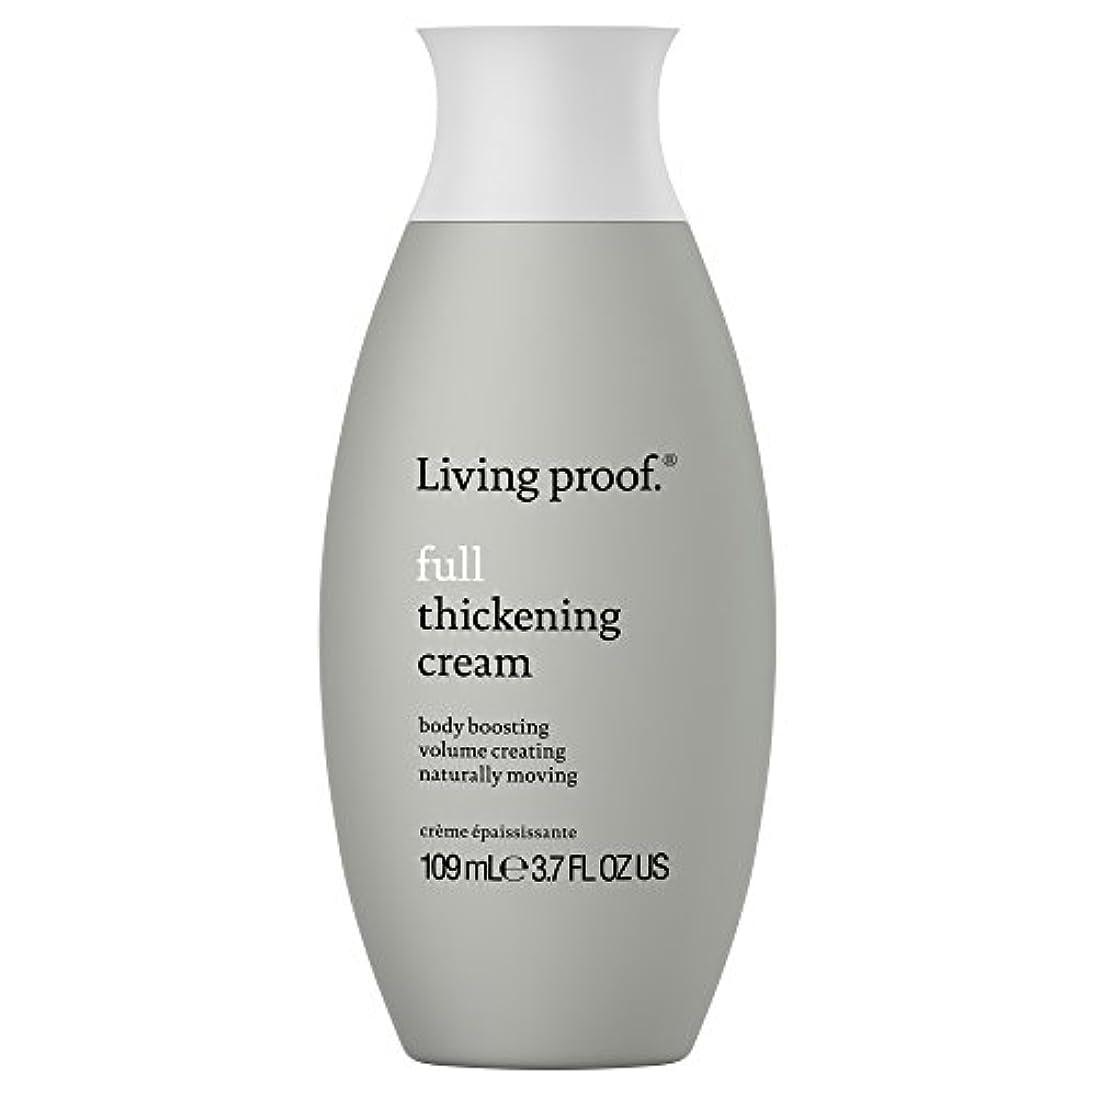 パケットビジュアルアクセサリー生きている証拠フル肥厚クリーム109ミリリットル (Living Proof) (x6) - Living Proof Full Thickening Cream 109ml (Pack of 6) [並行輸入品]